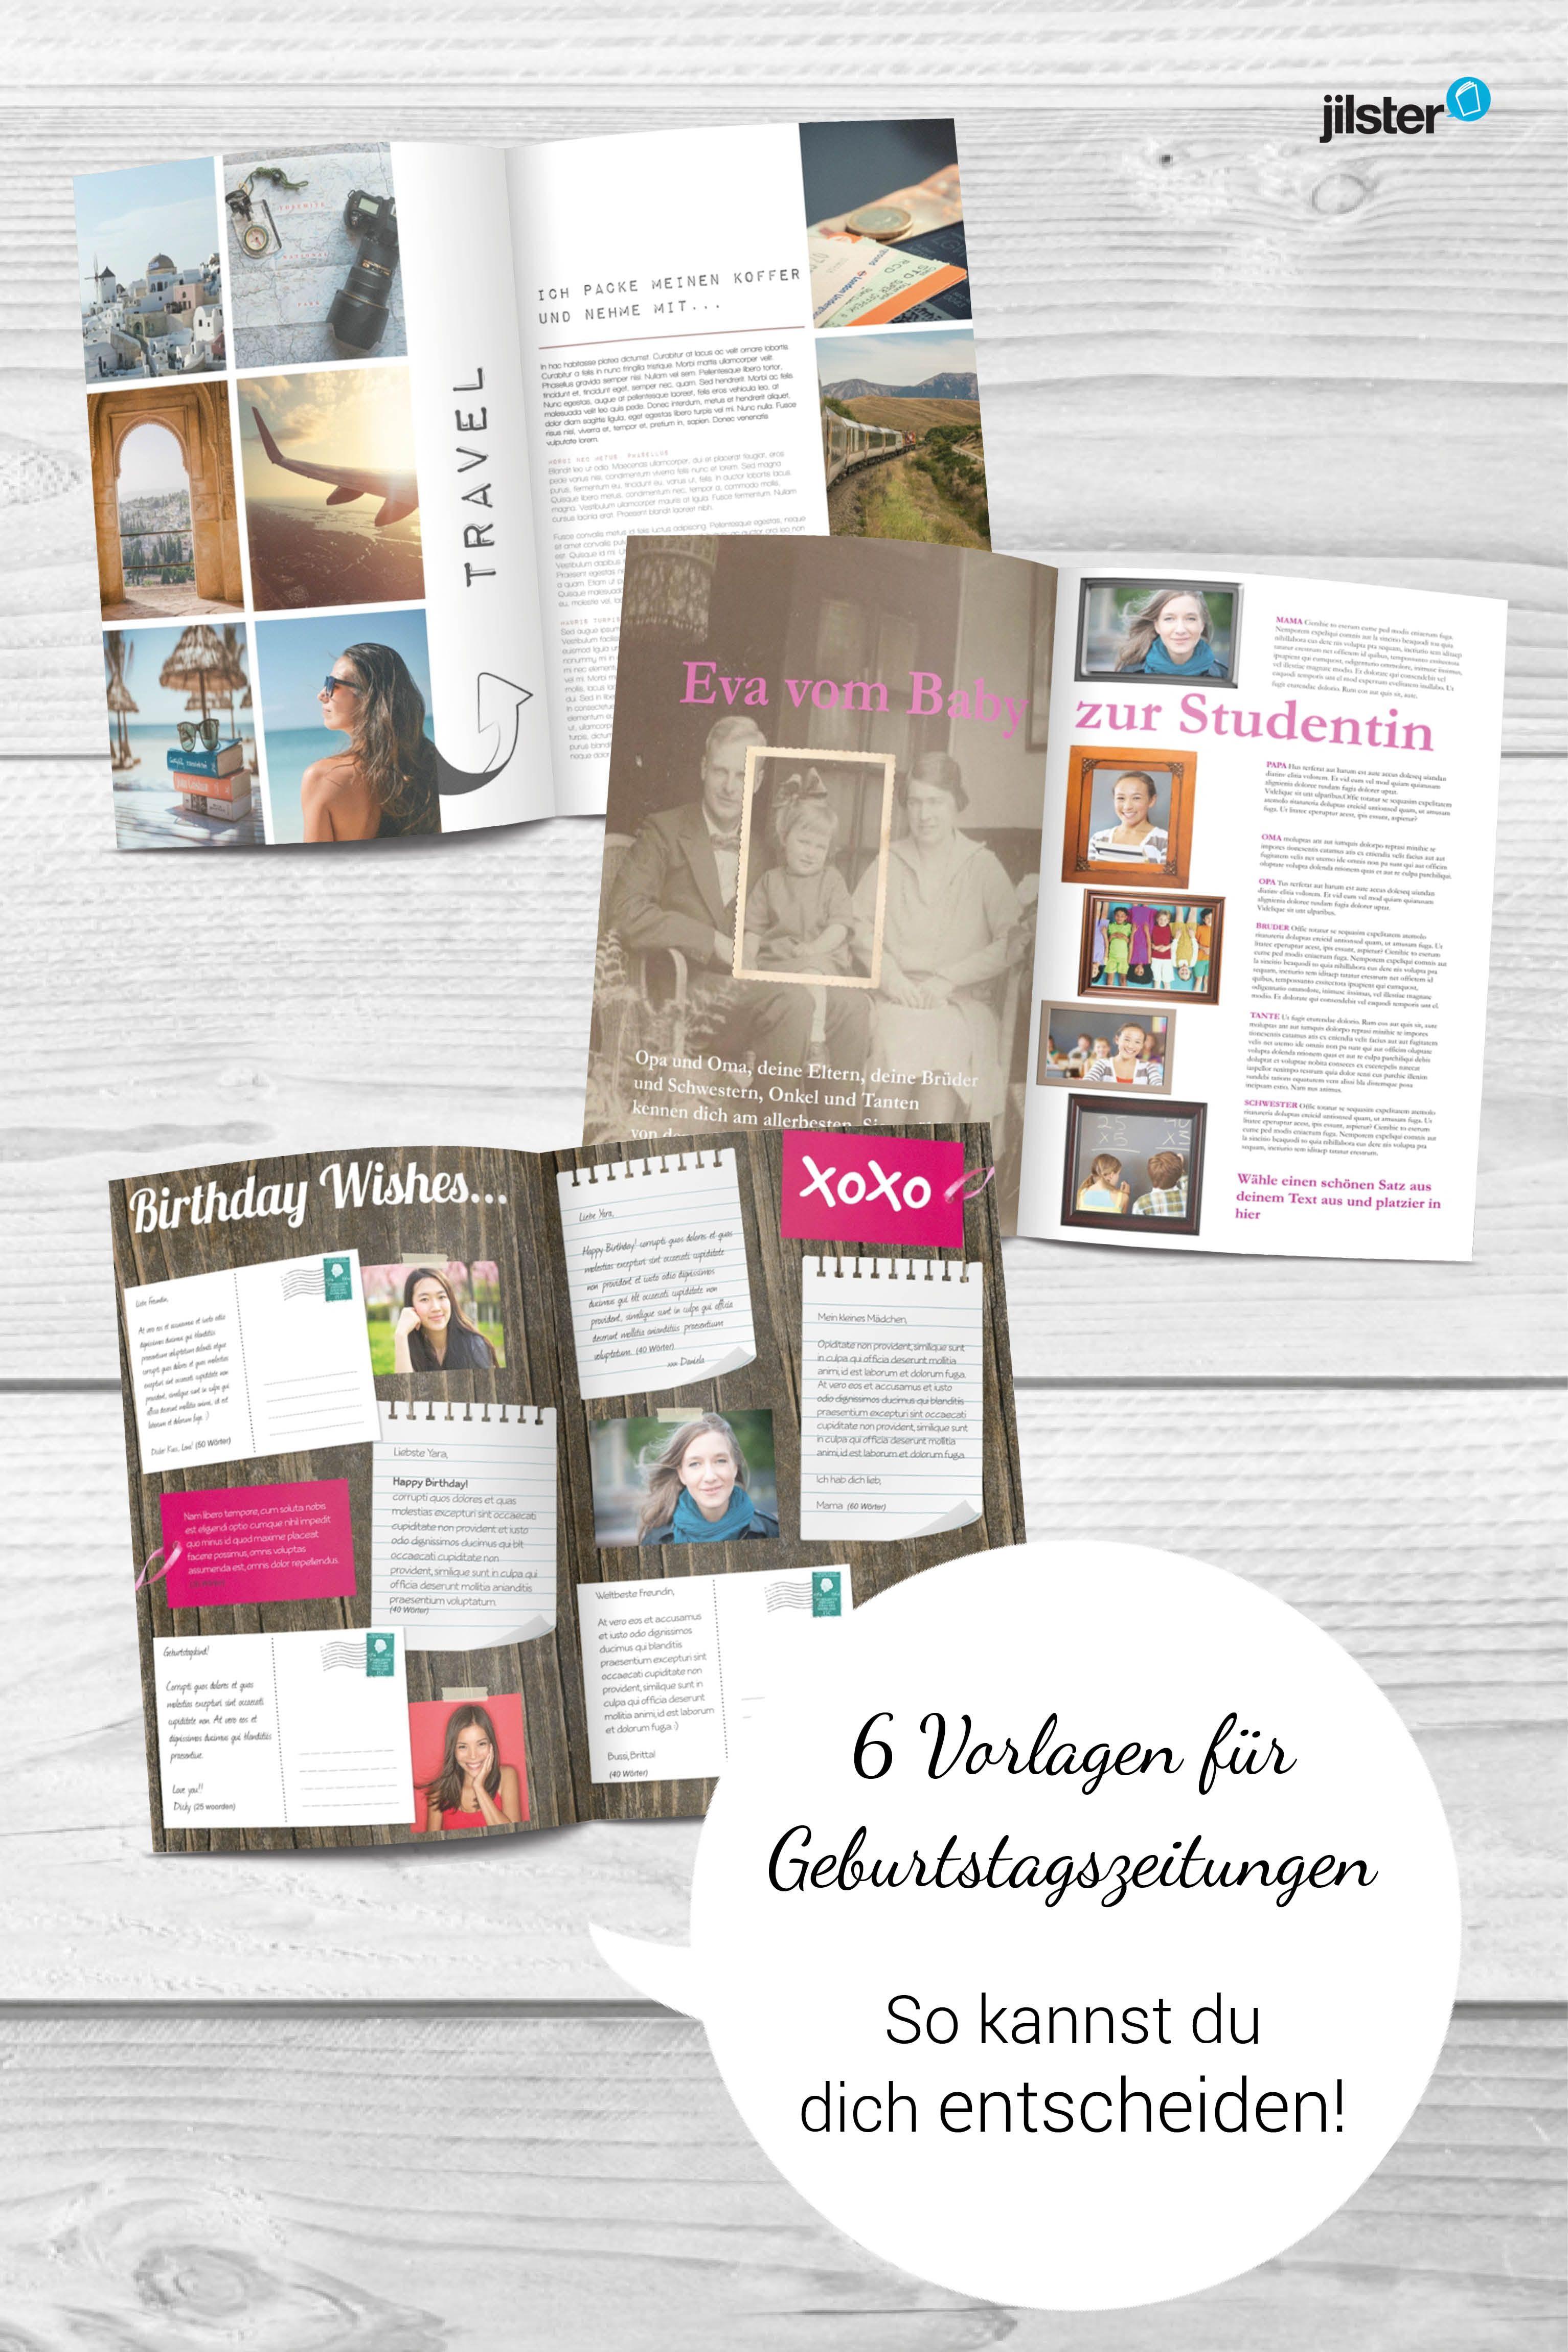 Tolle Vorlagen für #Geburtstagszeitungen auf #jilster.de - Wir ...